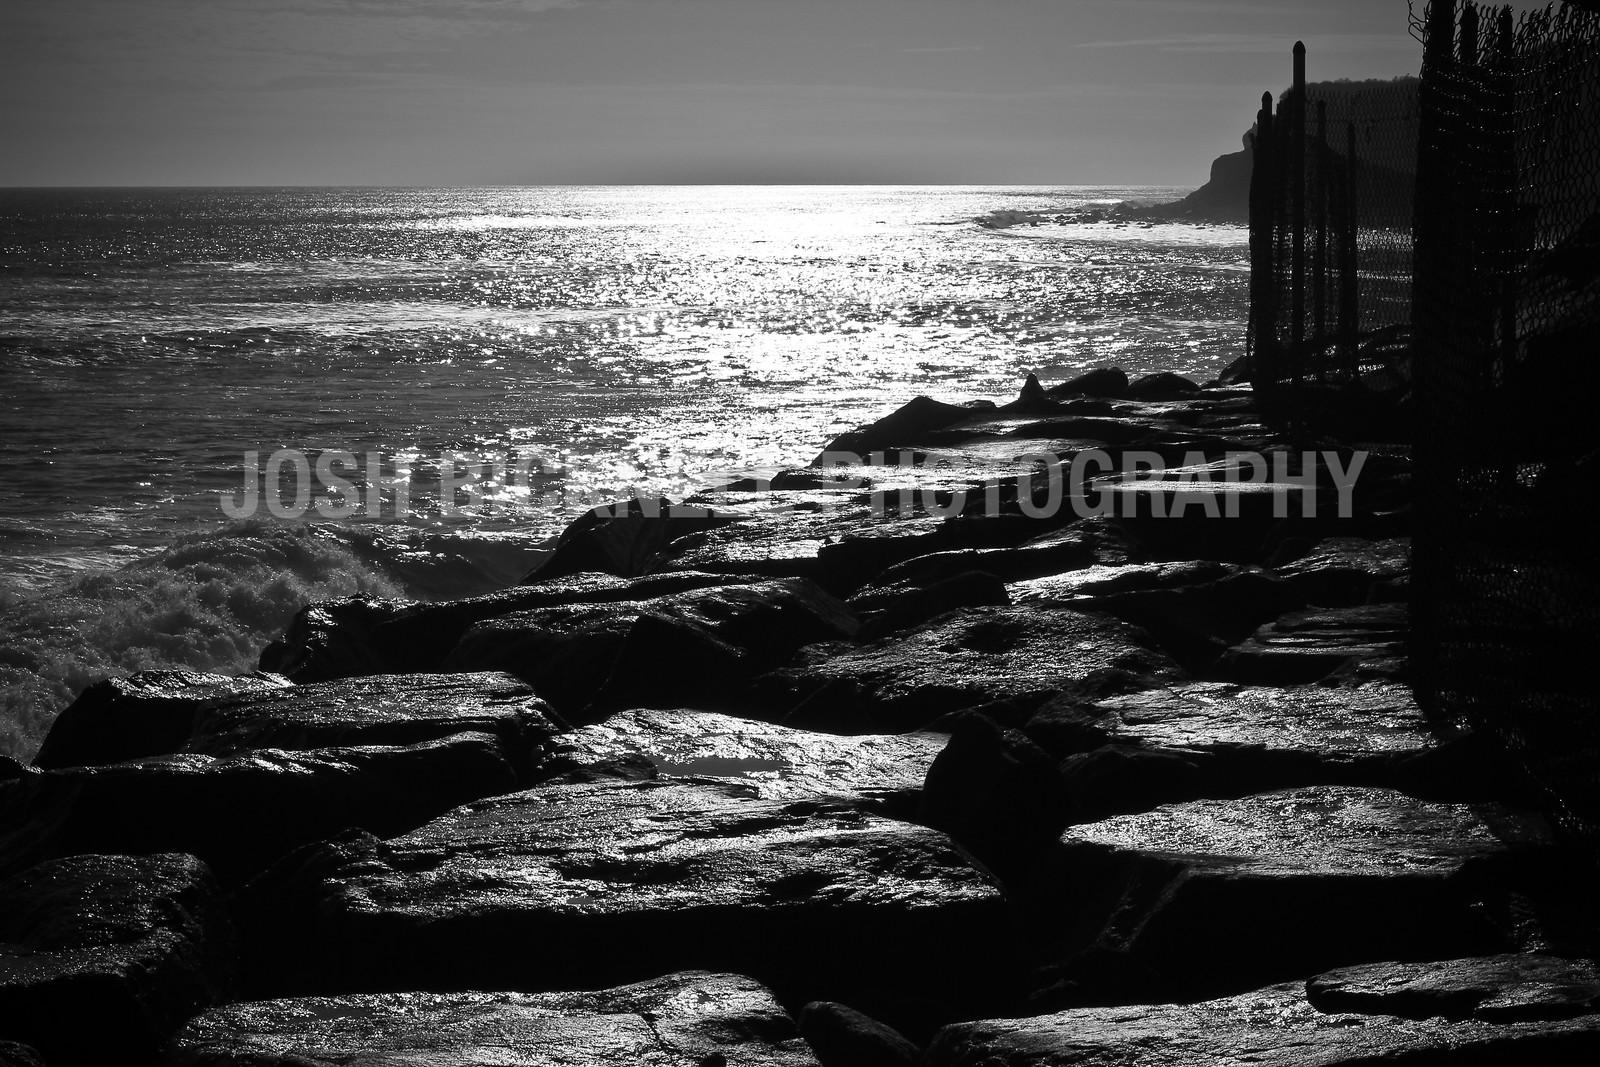 Shimmering Rocks and Ocean